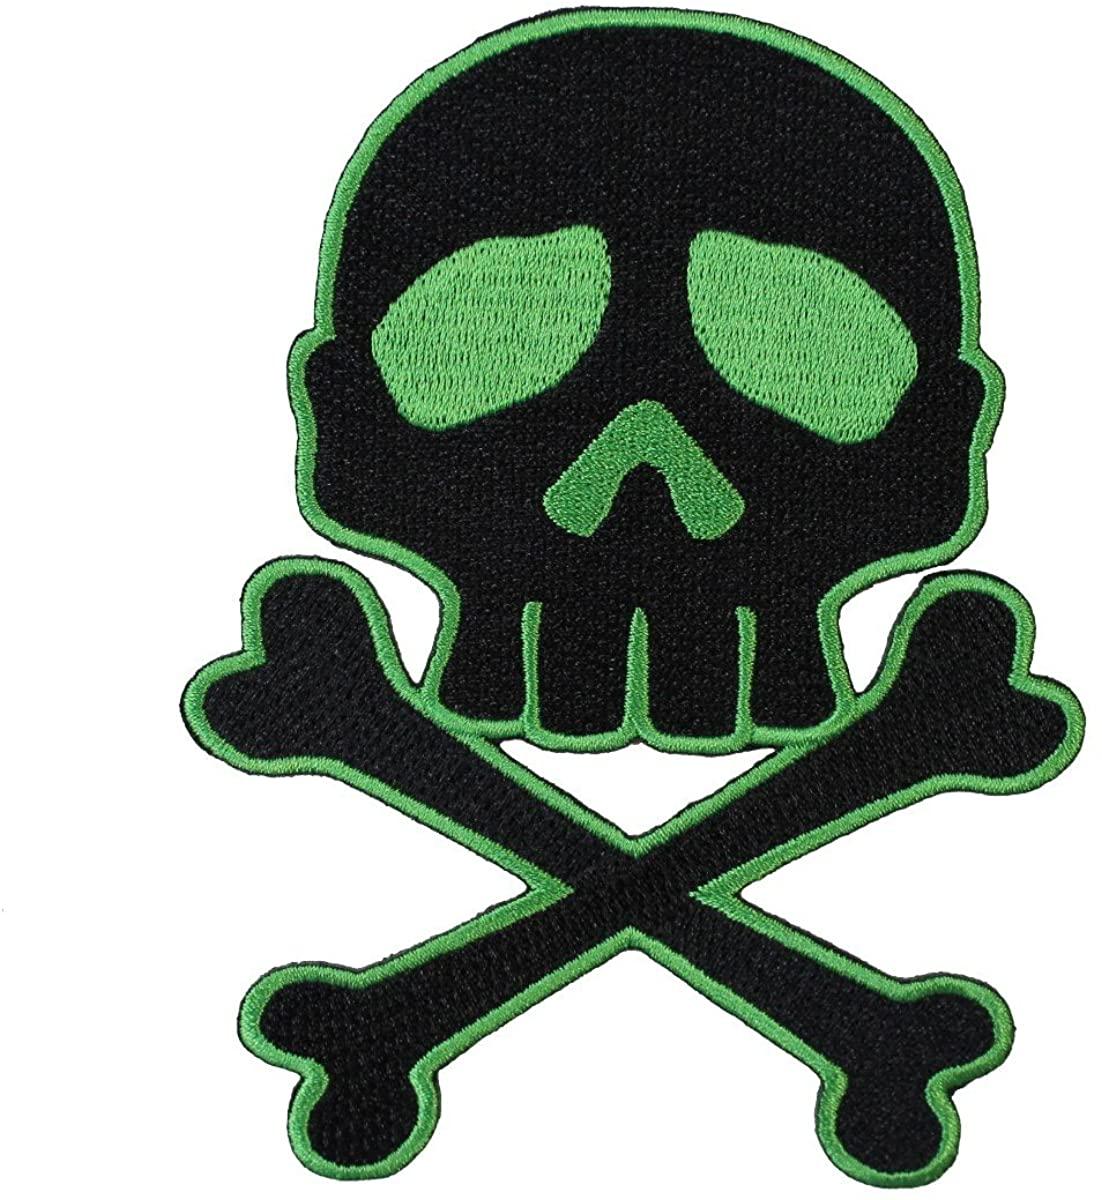 Kreepsville Skull & Crossbones Green on Black Patch Apparel Iron-On Applique